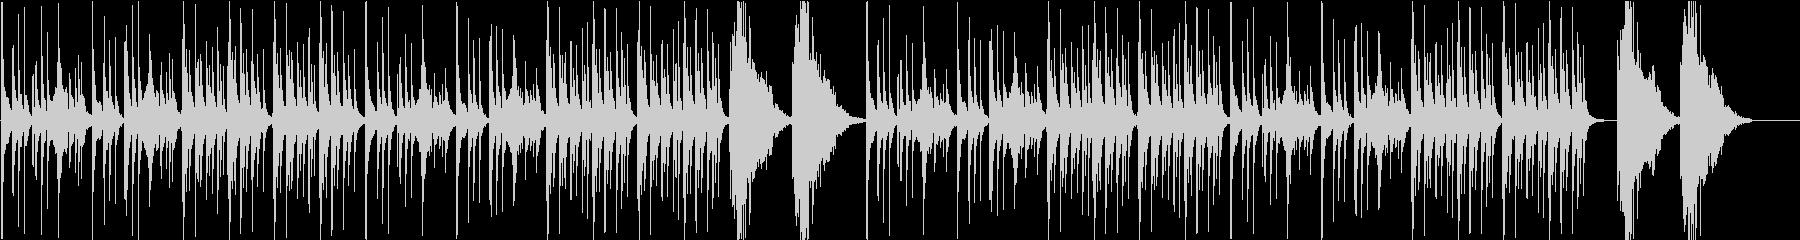 【和風】琴と三味線の美しいBGMの未再生の波形